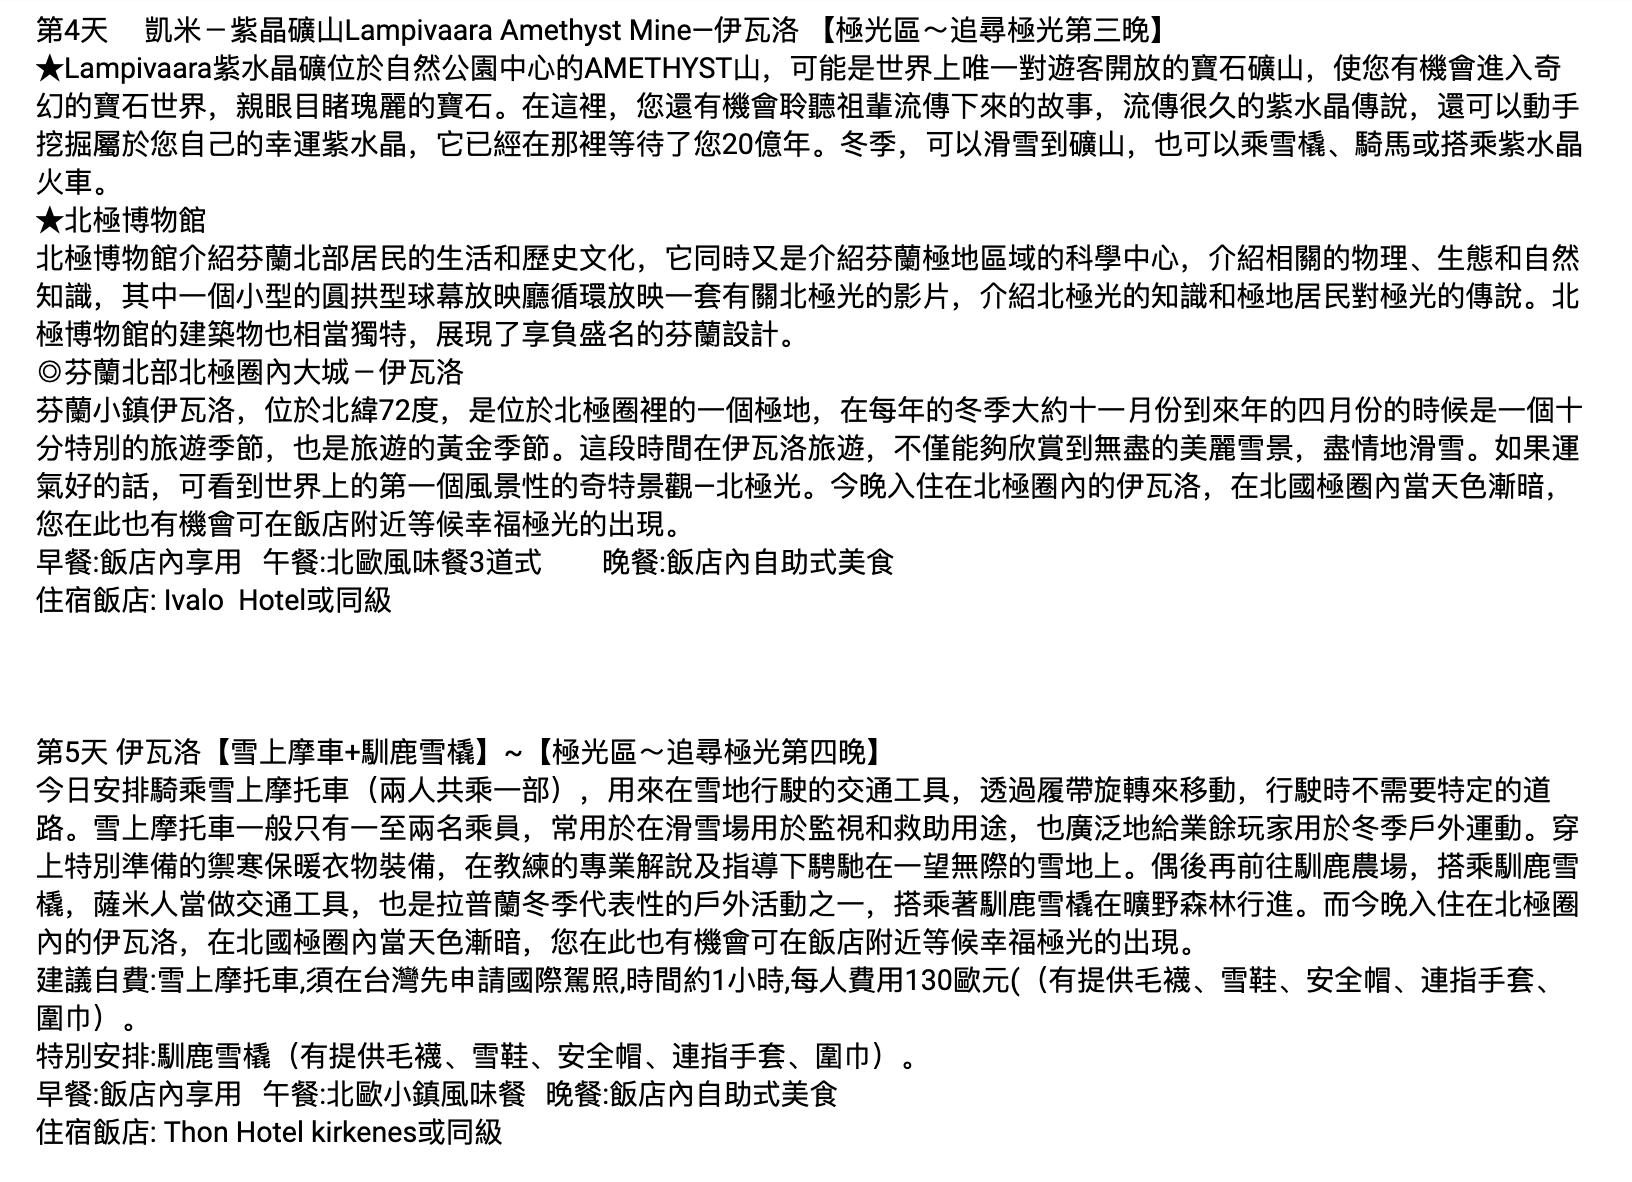 極光團搶團填單內容說明~4/9(二) 12:00 pm 準時開放填單~